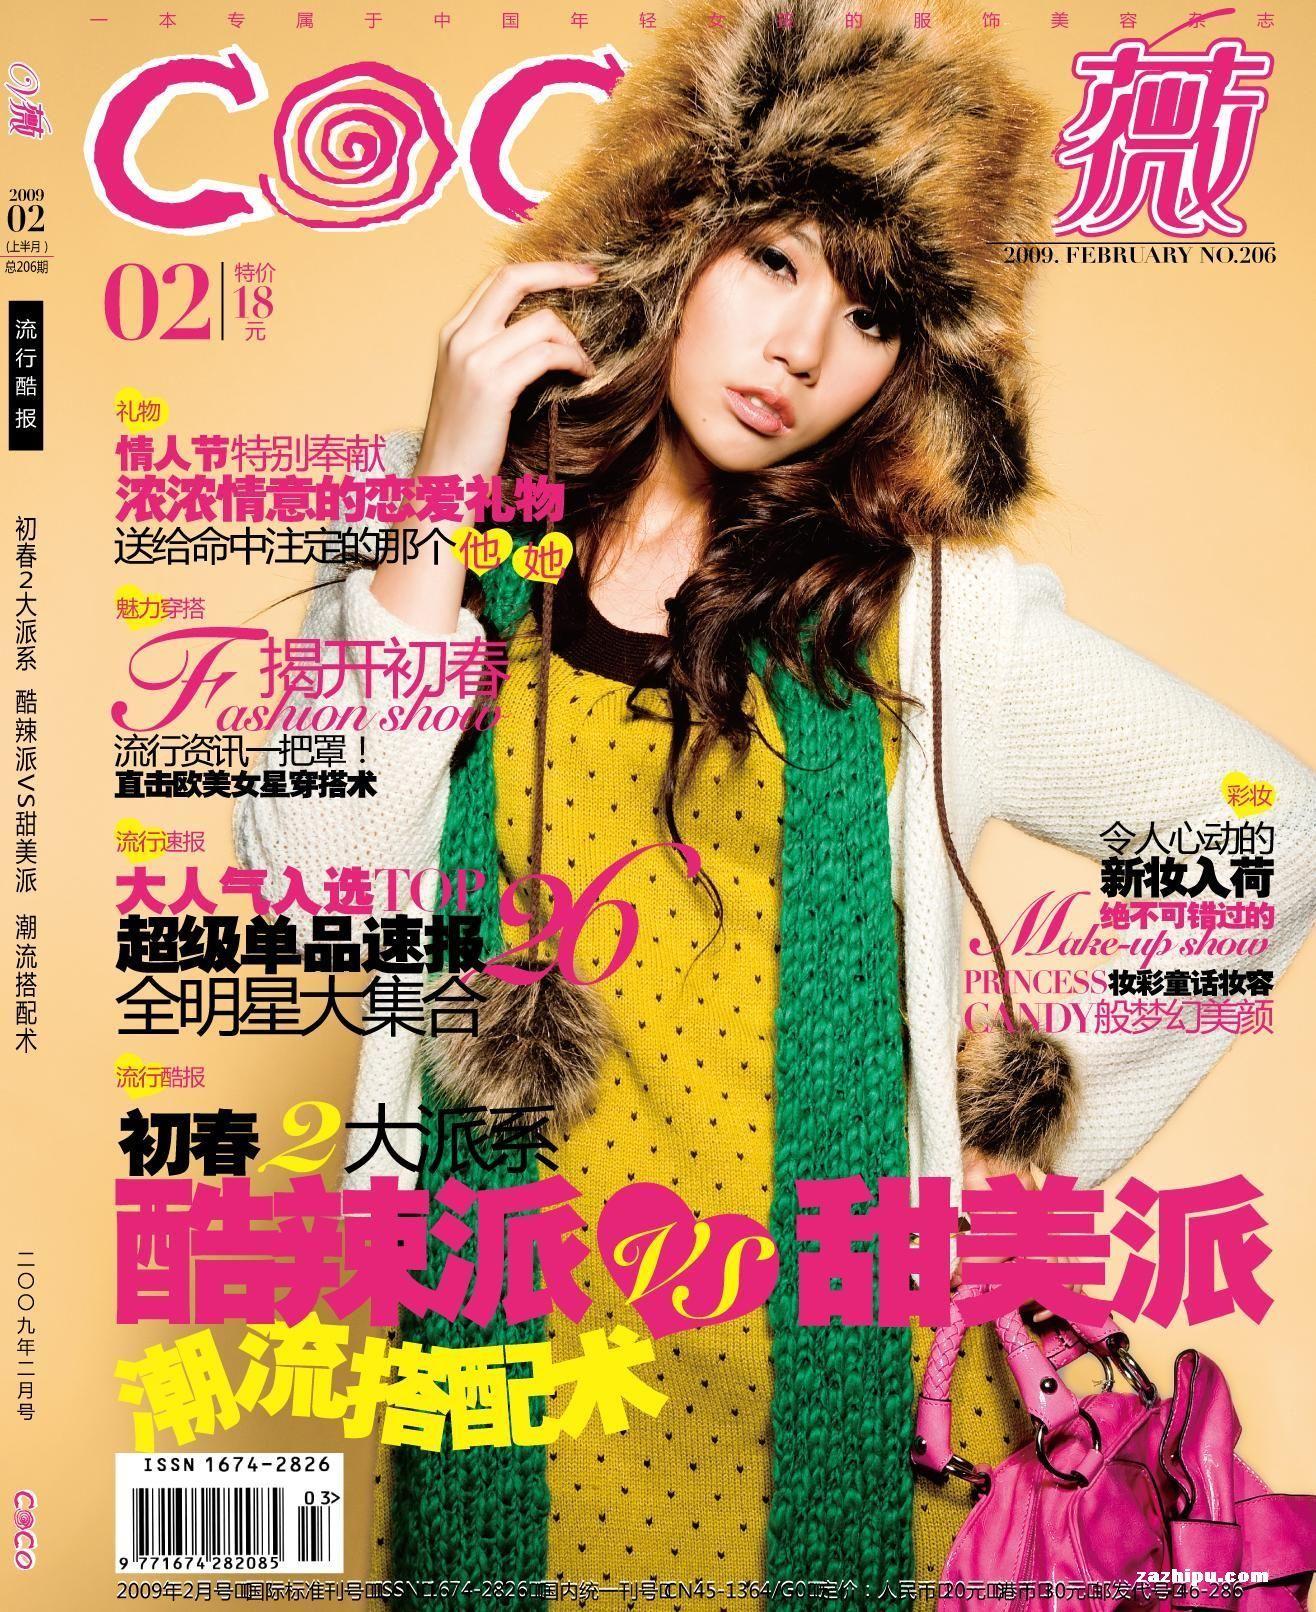 coco少女服饰2009年2月刊-coco少女服饰杂志封面,内容精彩试读